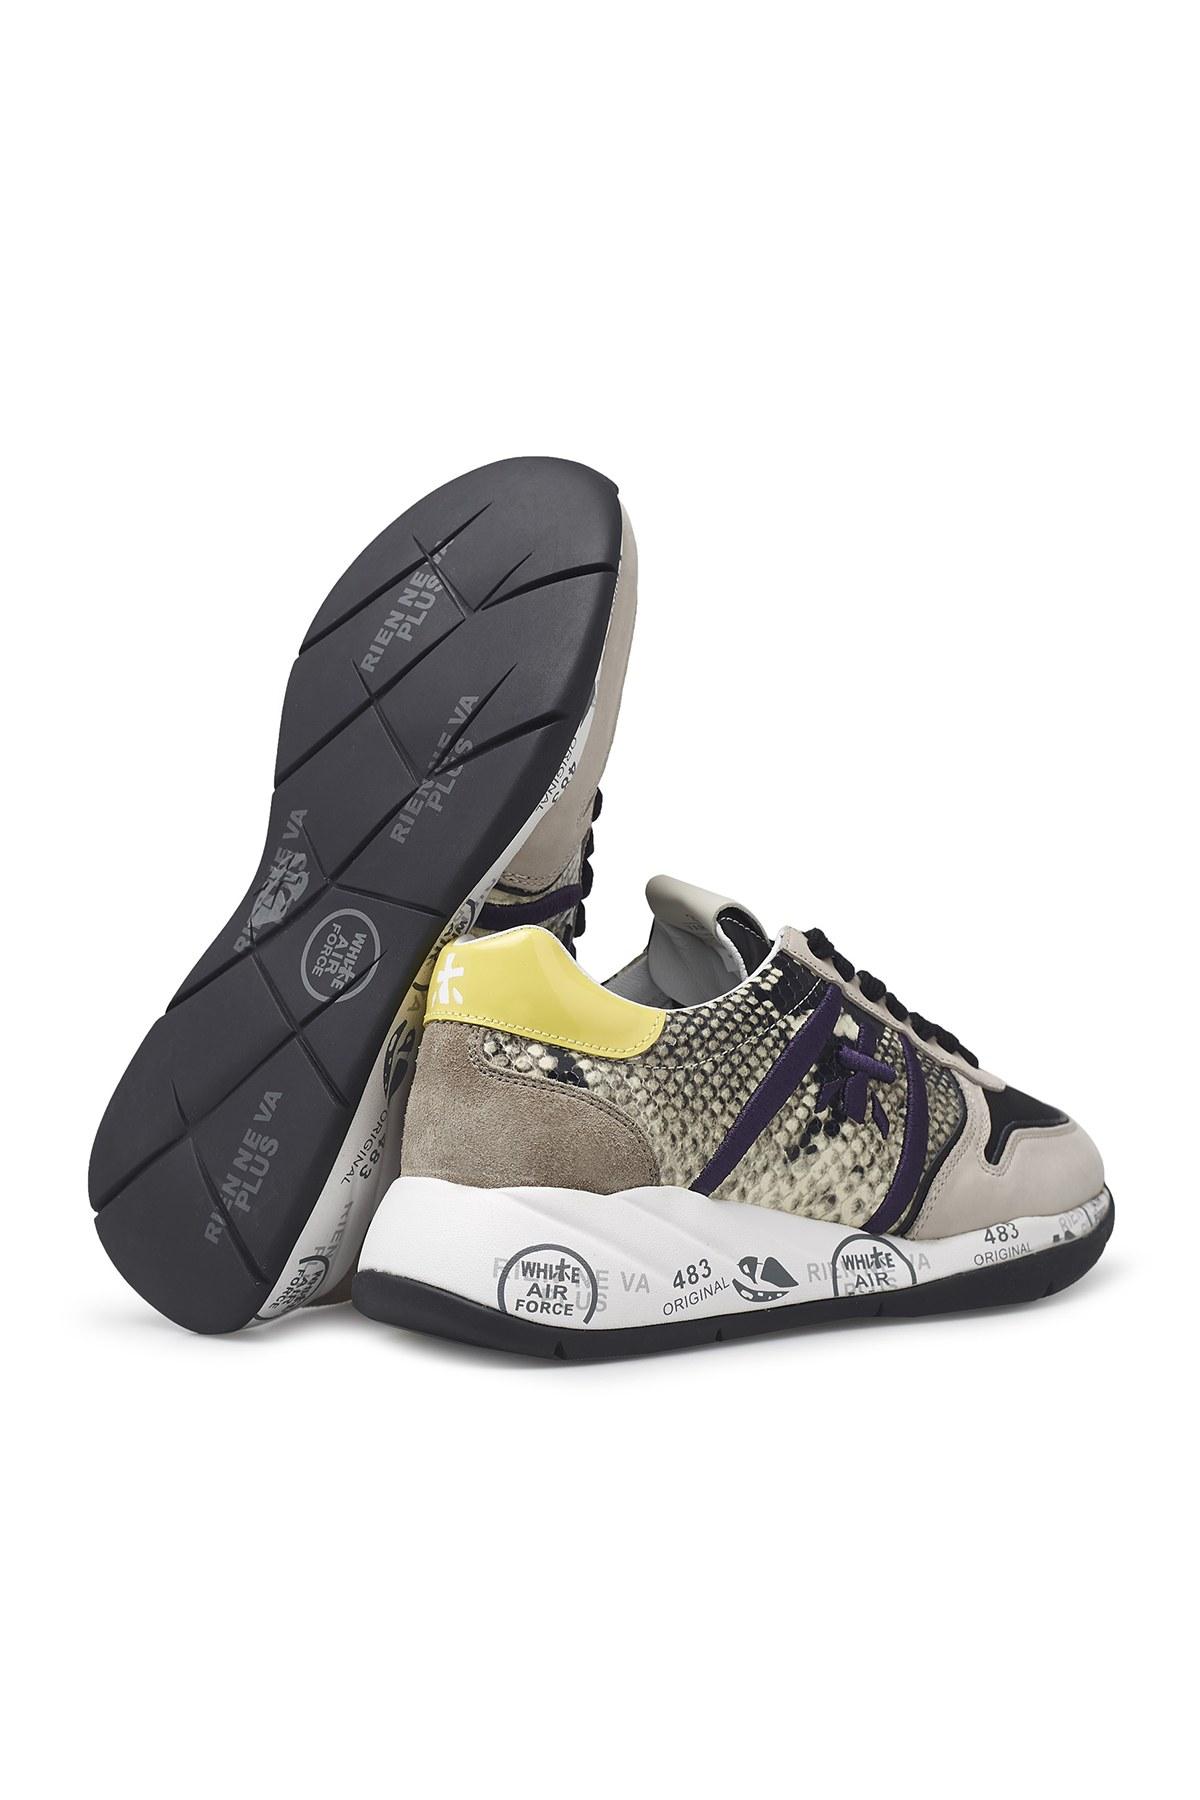 Premiata Baskılı Kalın Taban Deri Bayan Ayakkabı LAYLA 4855 BEJ